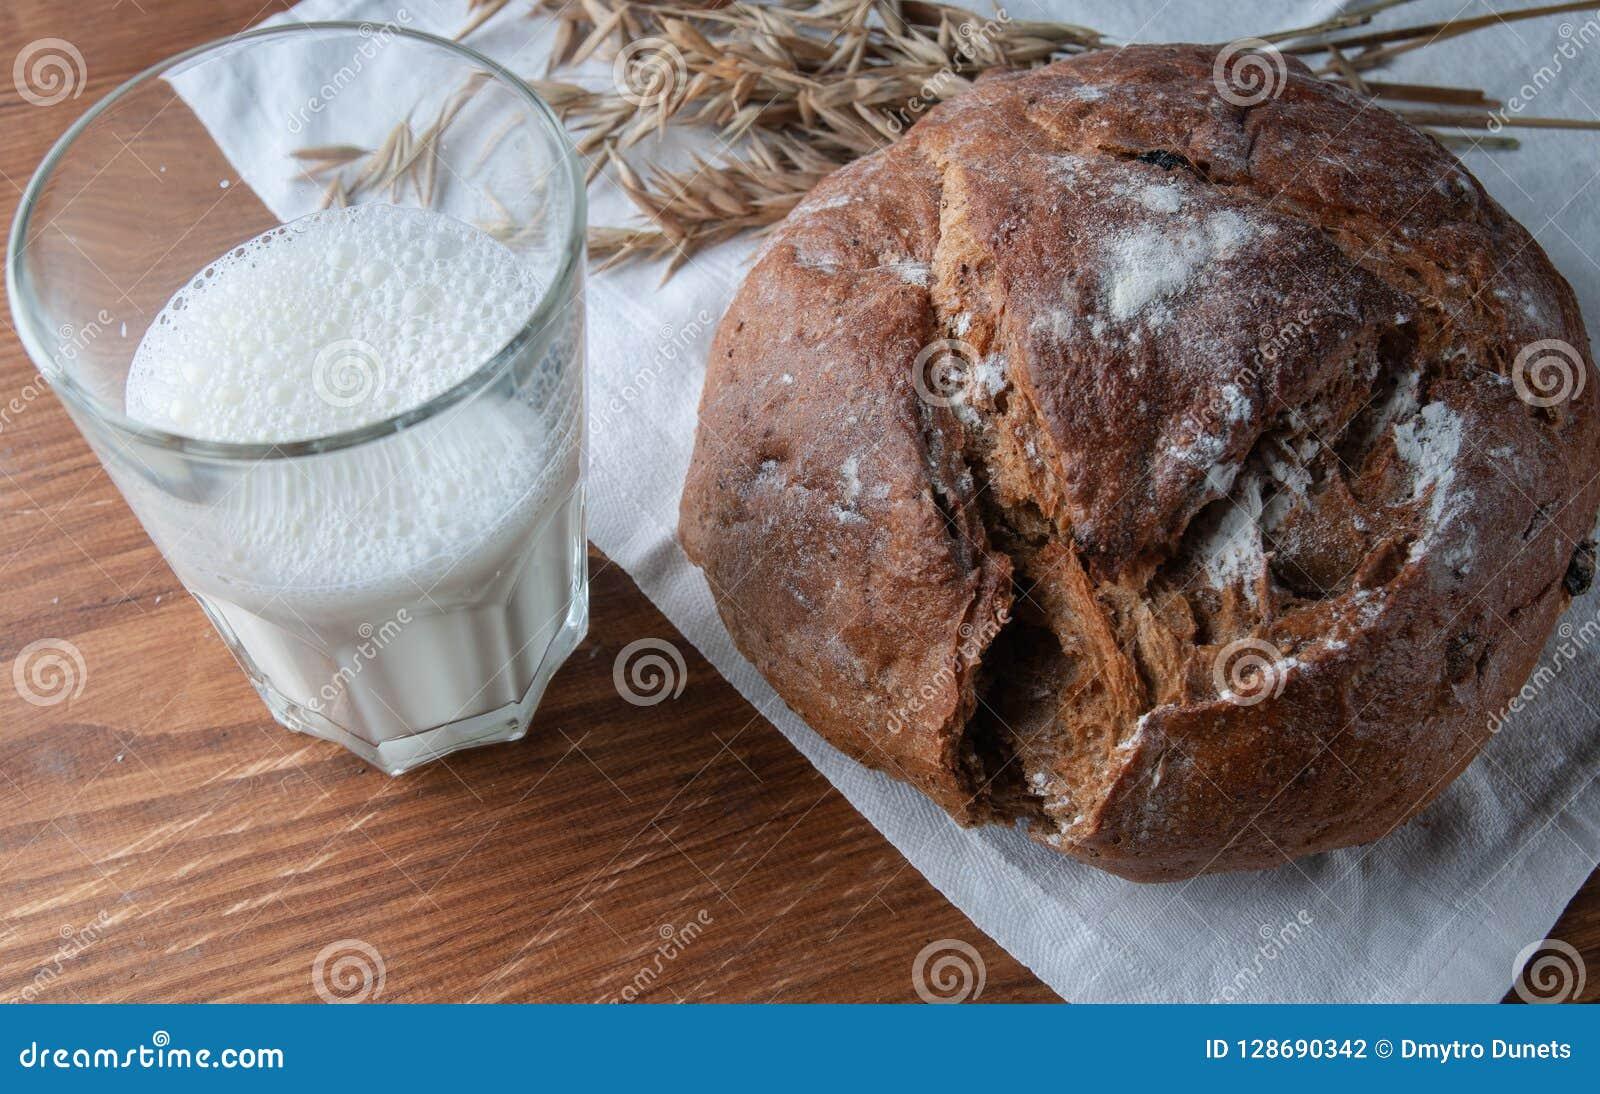 Todavía vida a propósito del pan,